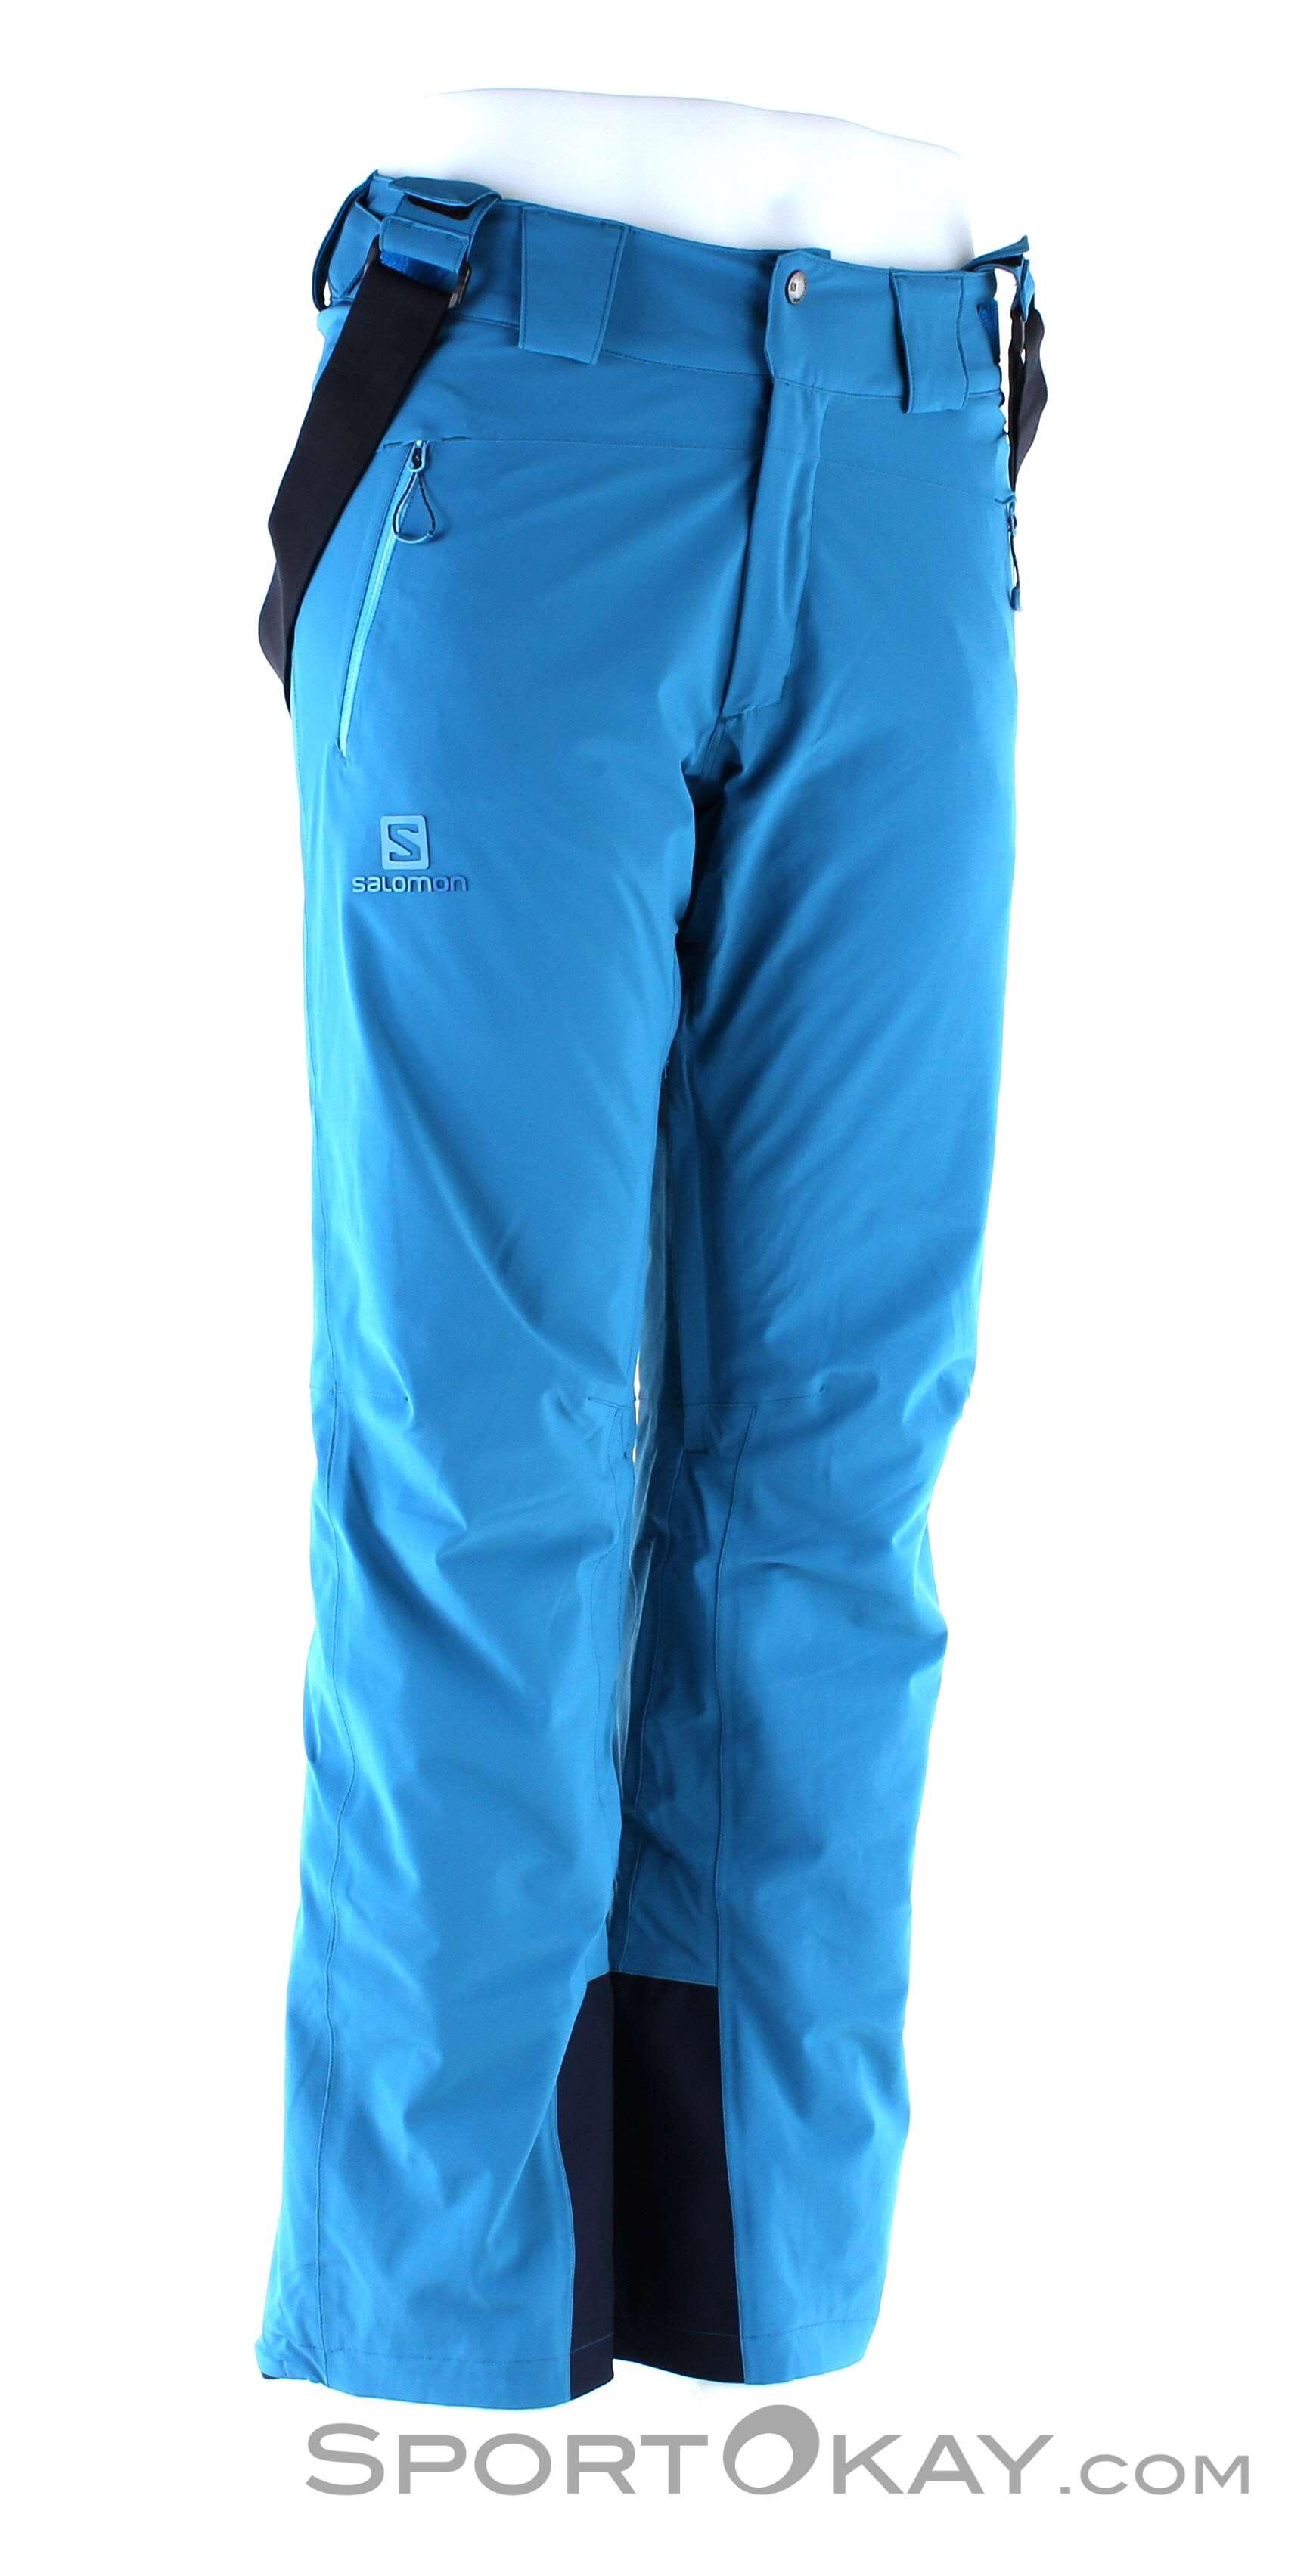 Salomon Iceglory Pant Mens Ski Pants Ski Pants Ski